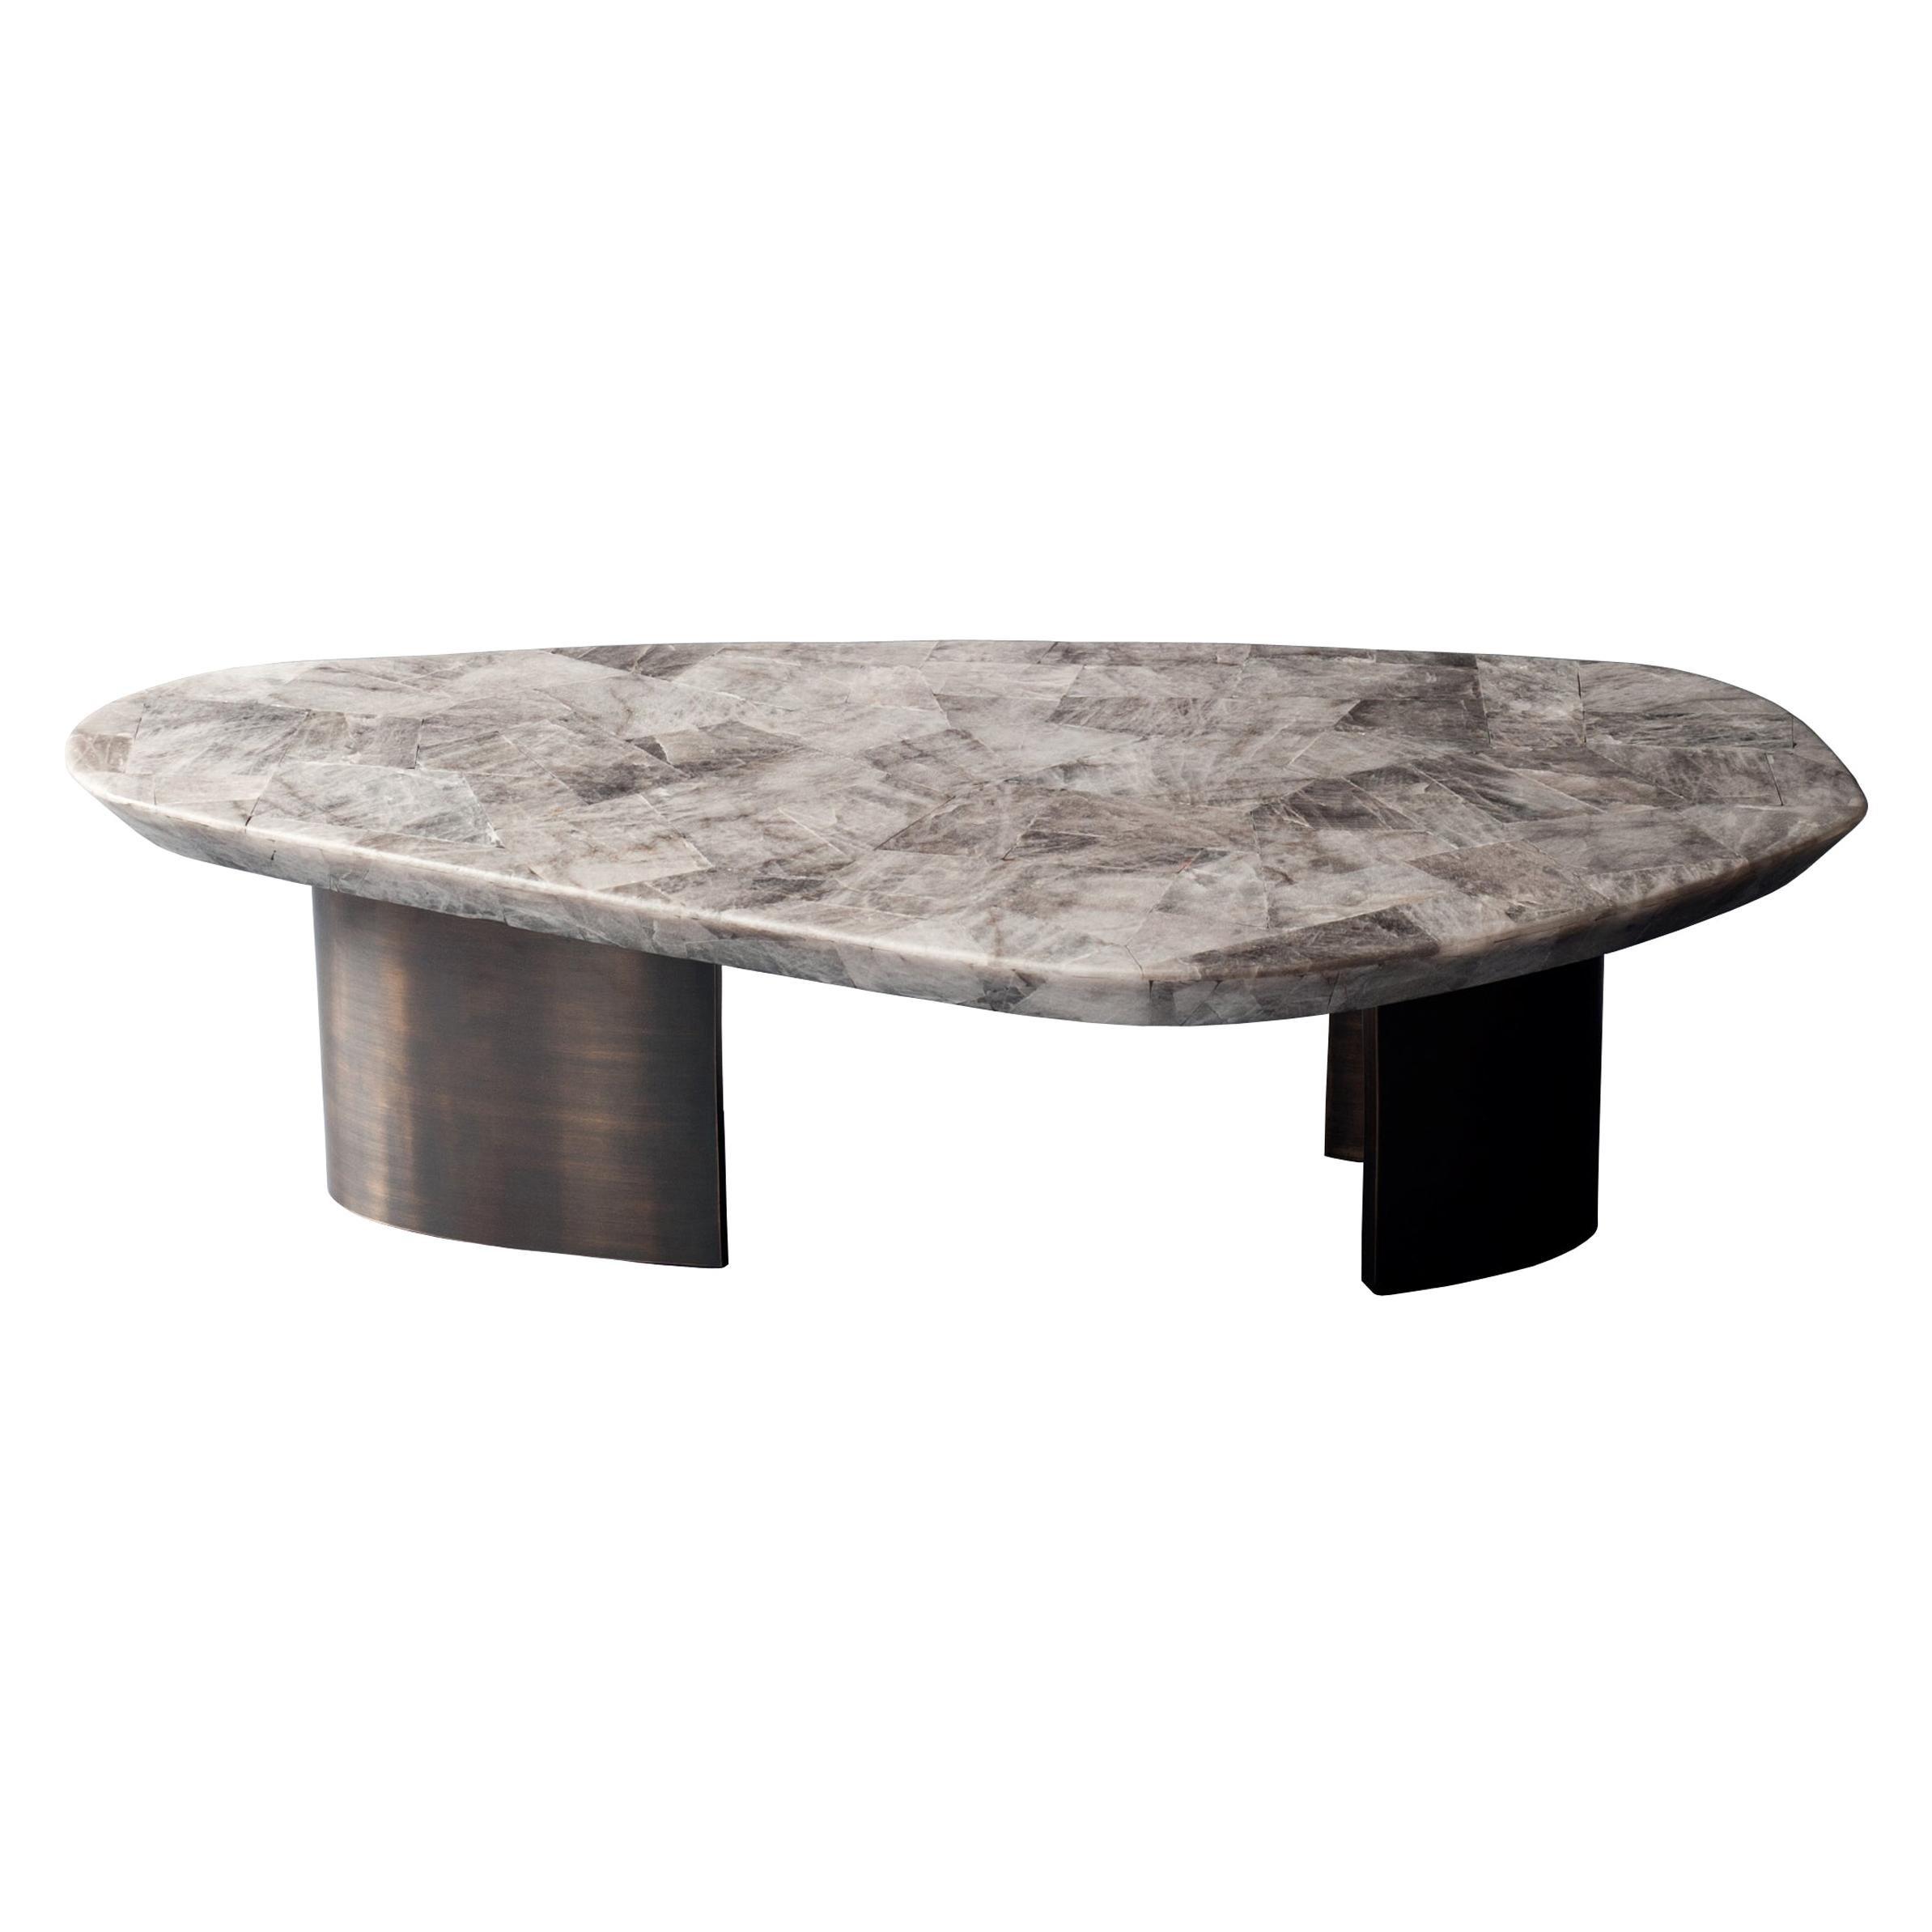 Ledge Coffee Table by DeMuro Das